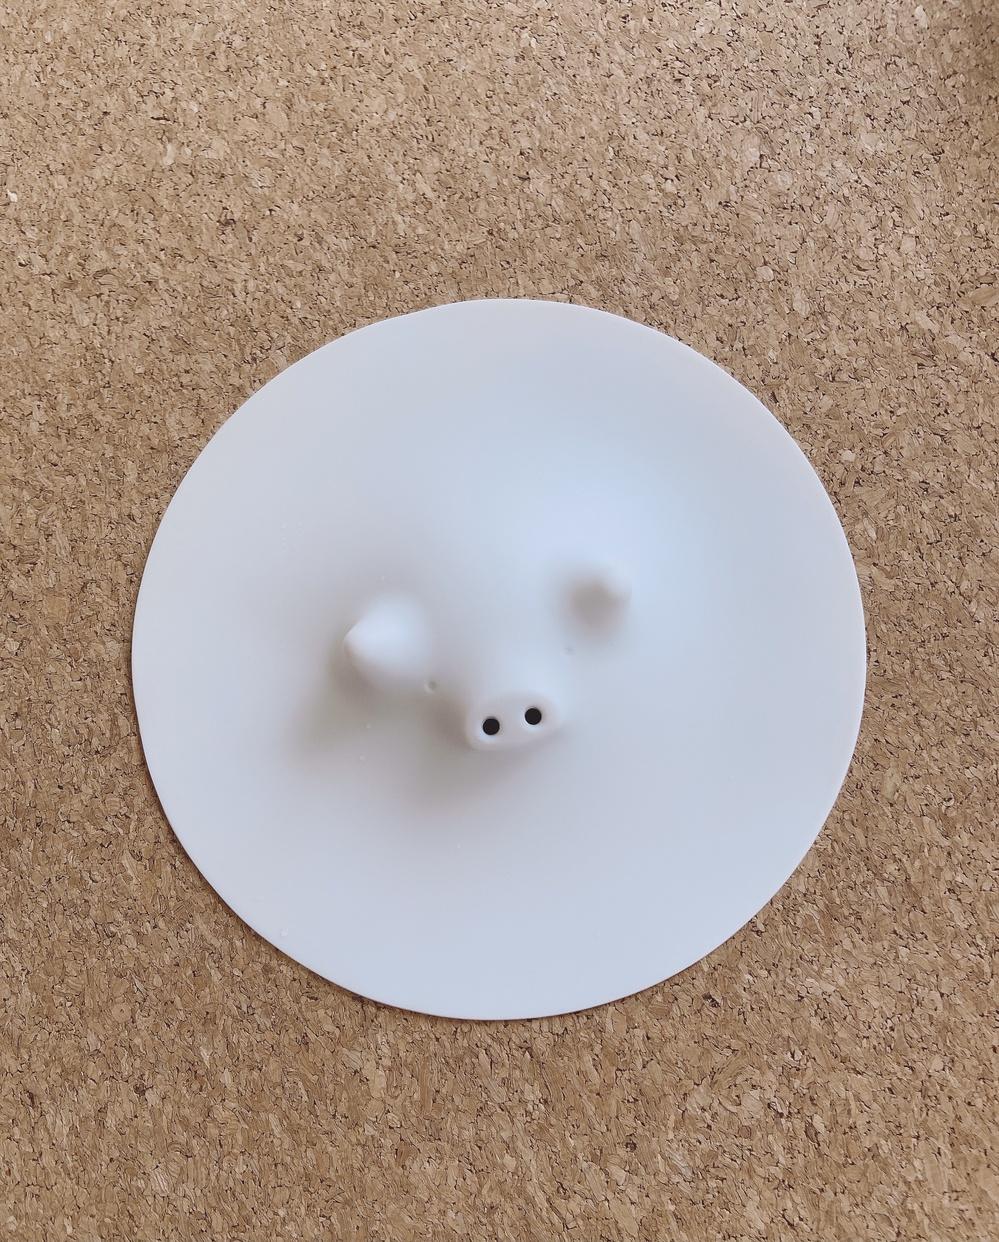 MARNA(マーナ)コブタの落としぶた ホワイト K091を使ったfumikaさんのクチコミ画像1